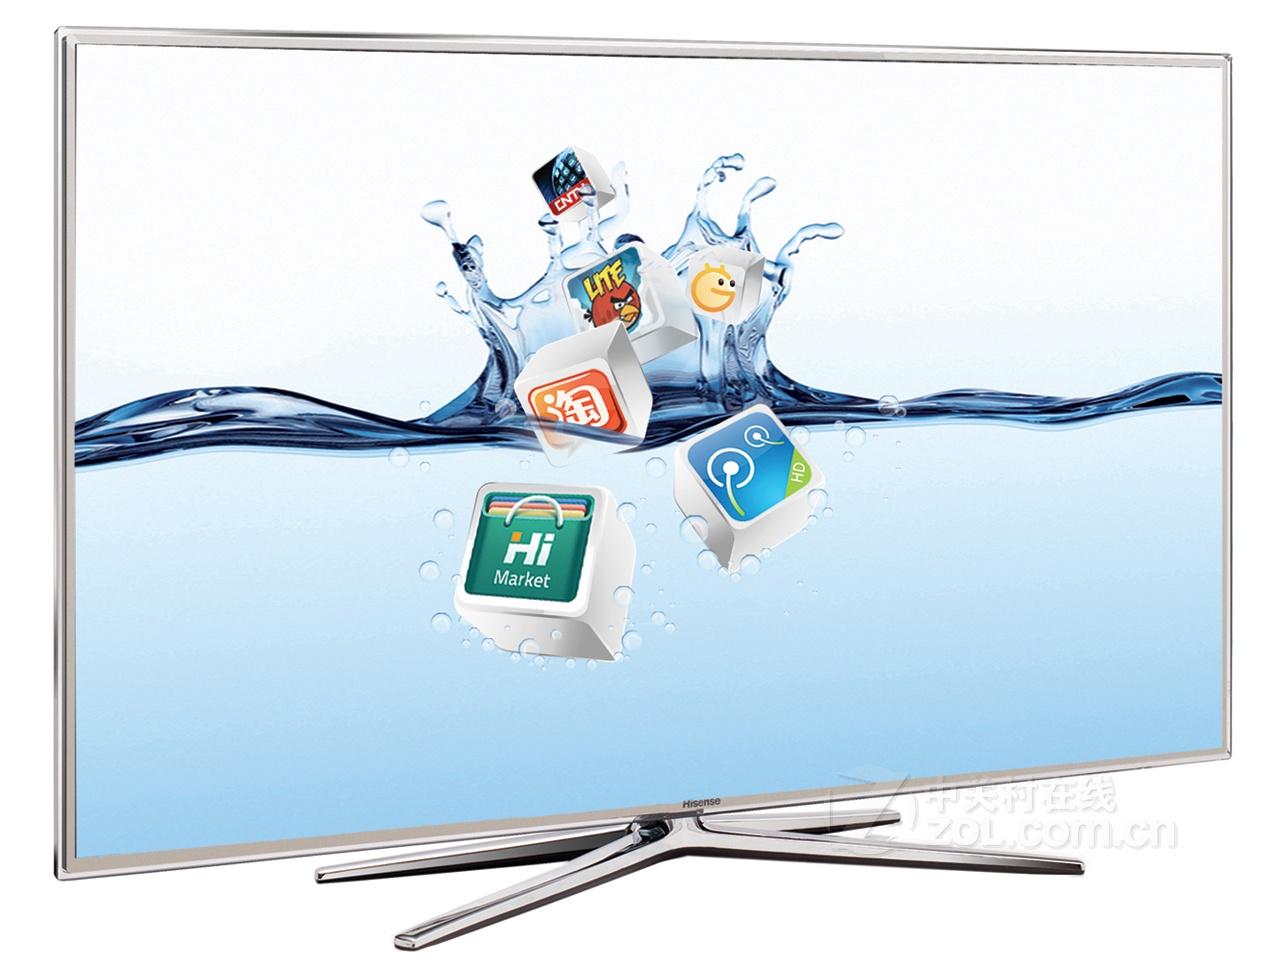 海信智能电视:操控设备改用Wii